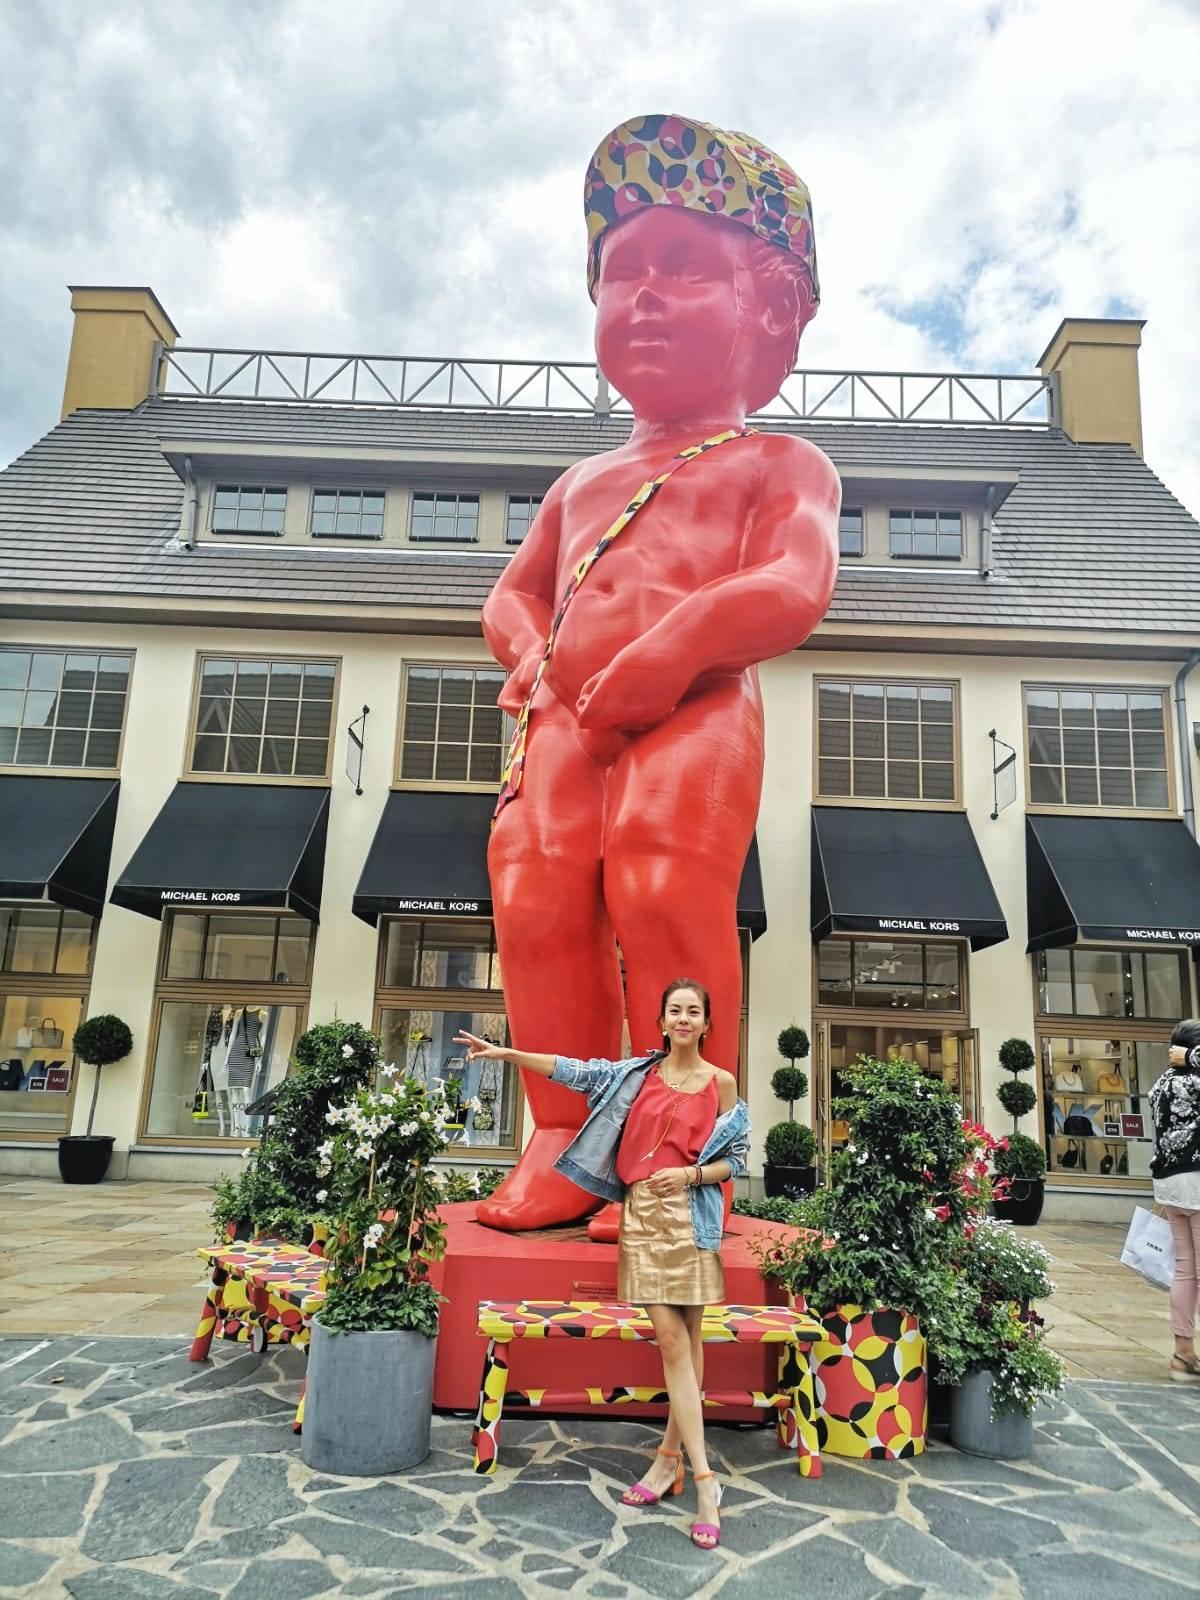 ▲劉馨如參訪法國山谷購物村(上圖)以及比利時的馬斯馬克林購物村的6公尺高尿尿小童。